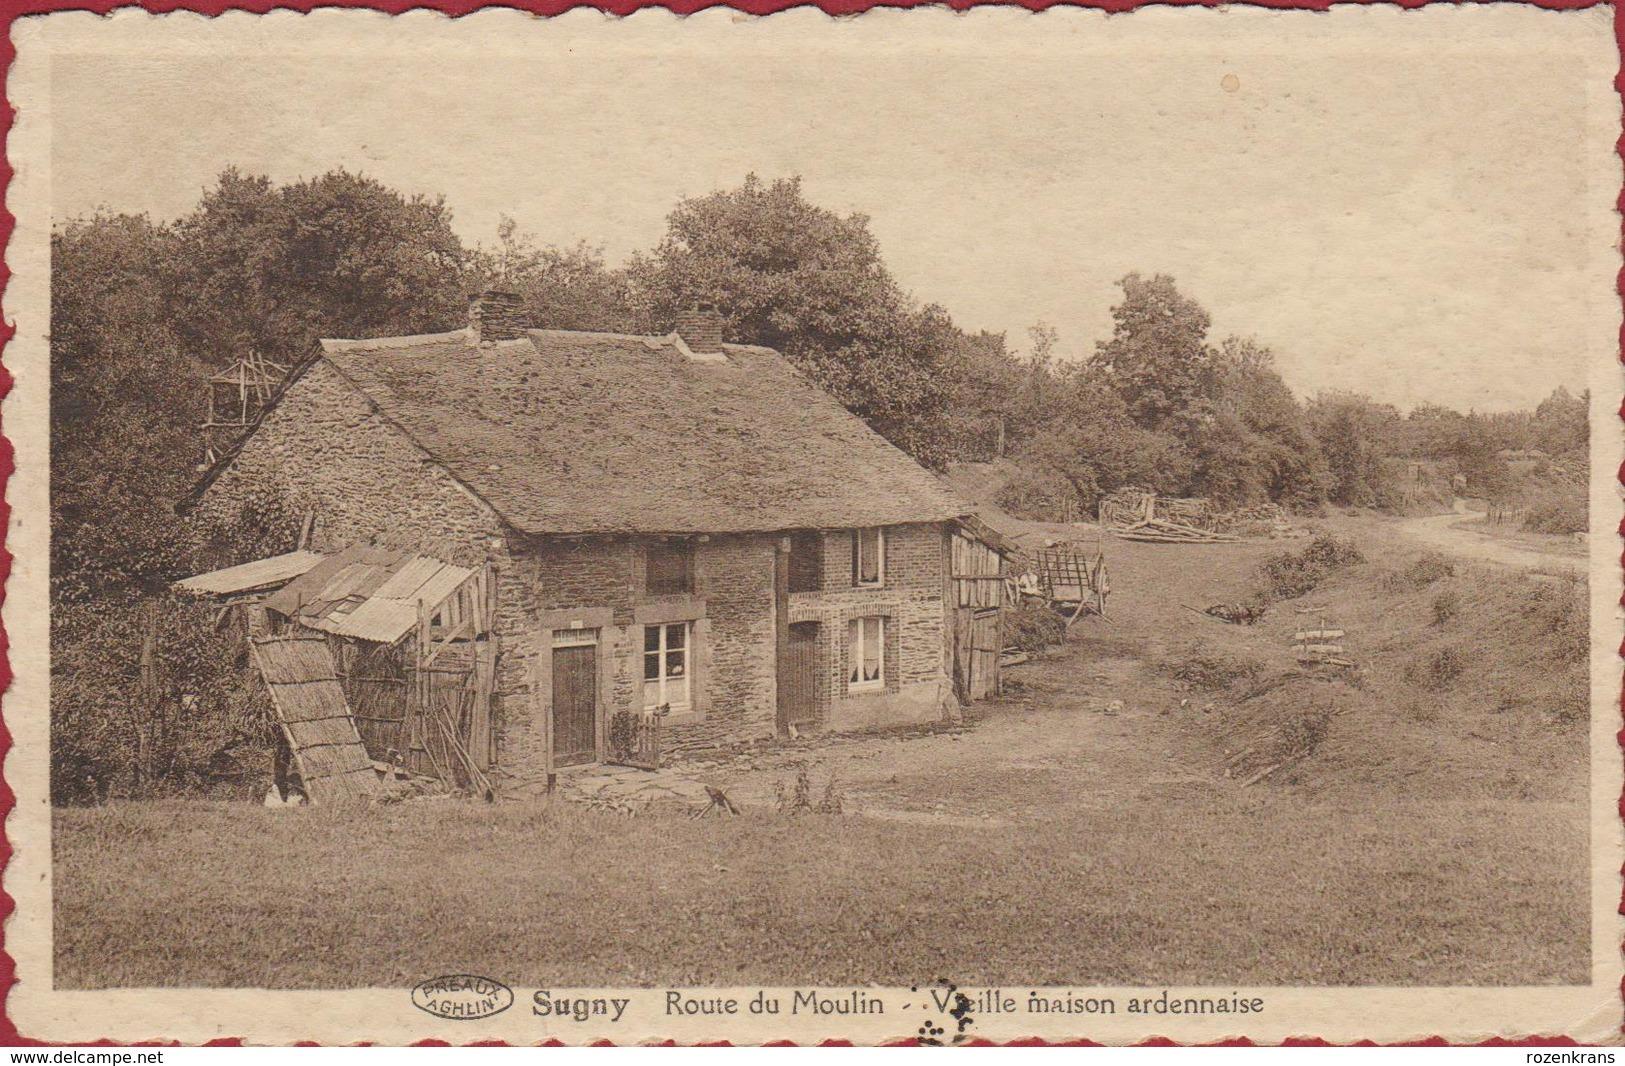 Sugny - Route Du Moulin - Vieille Maison Ardennaise Vresse-sur-Semois - Vresse-sur-Semois